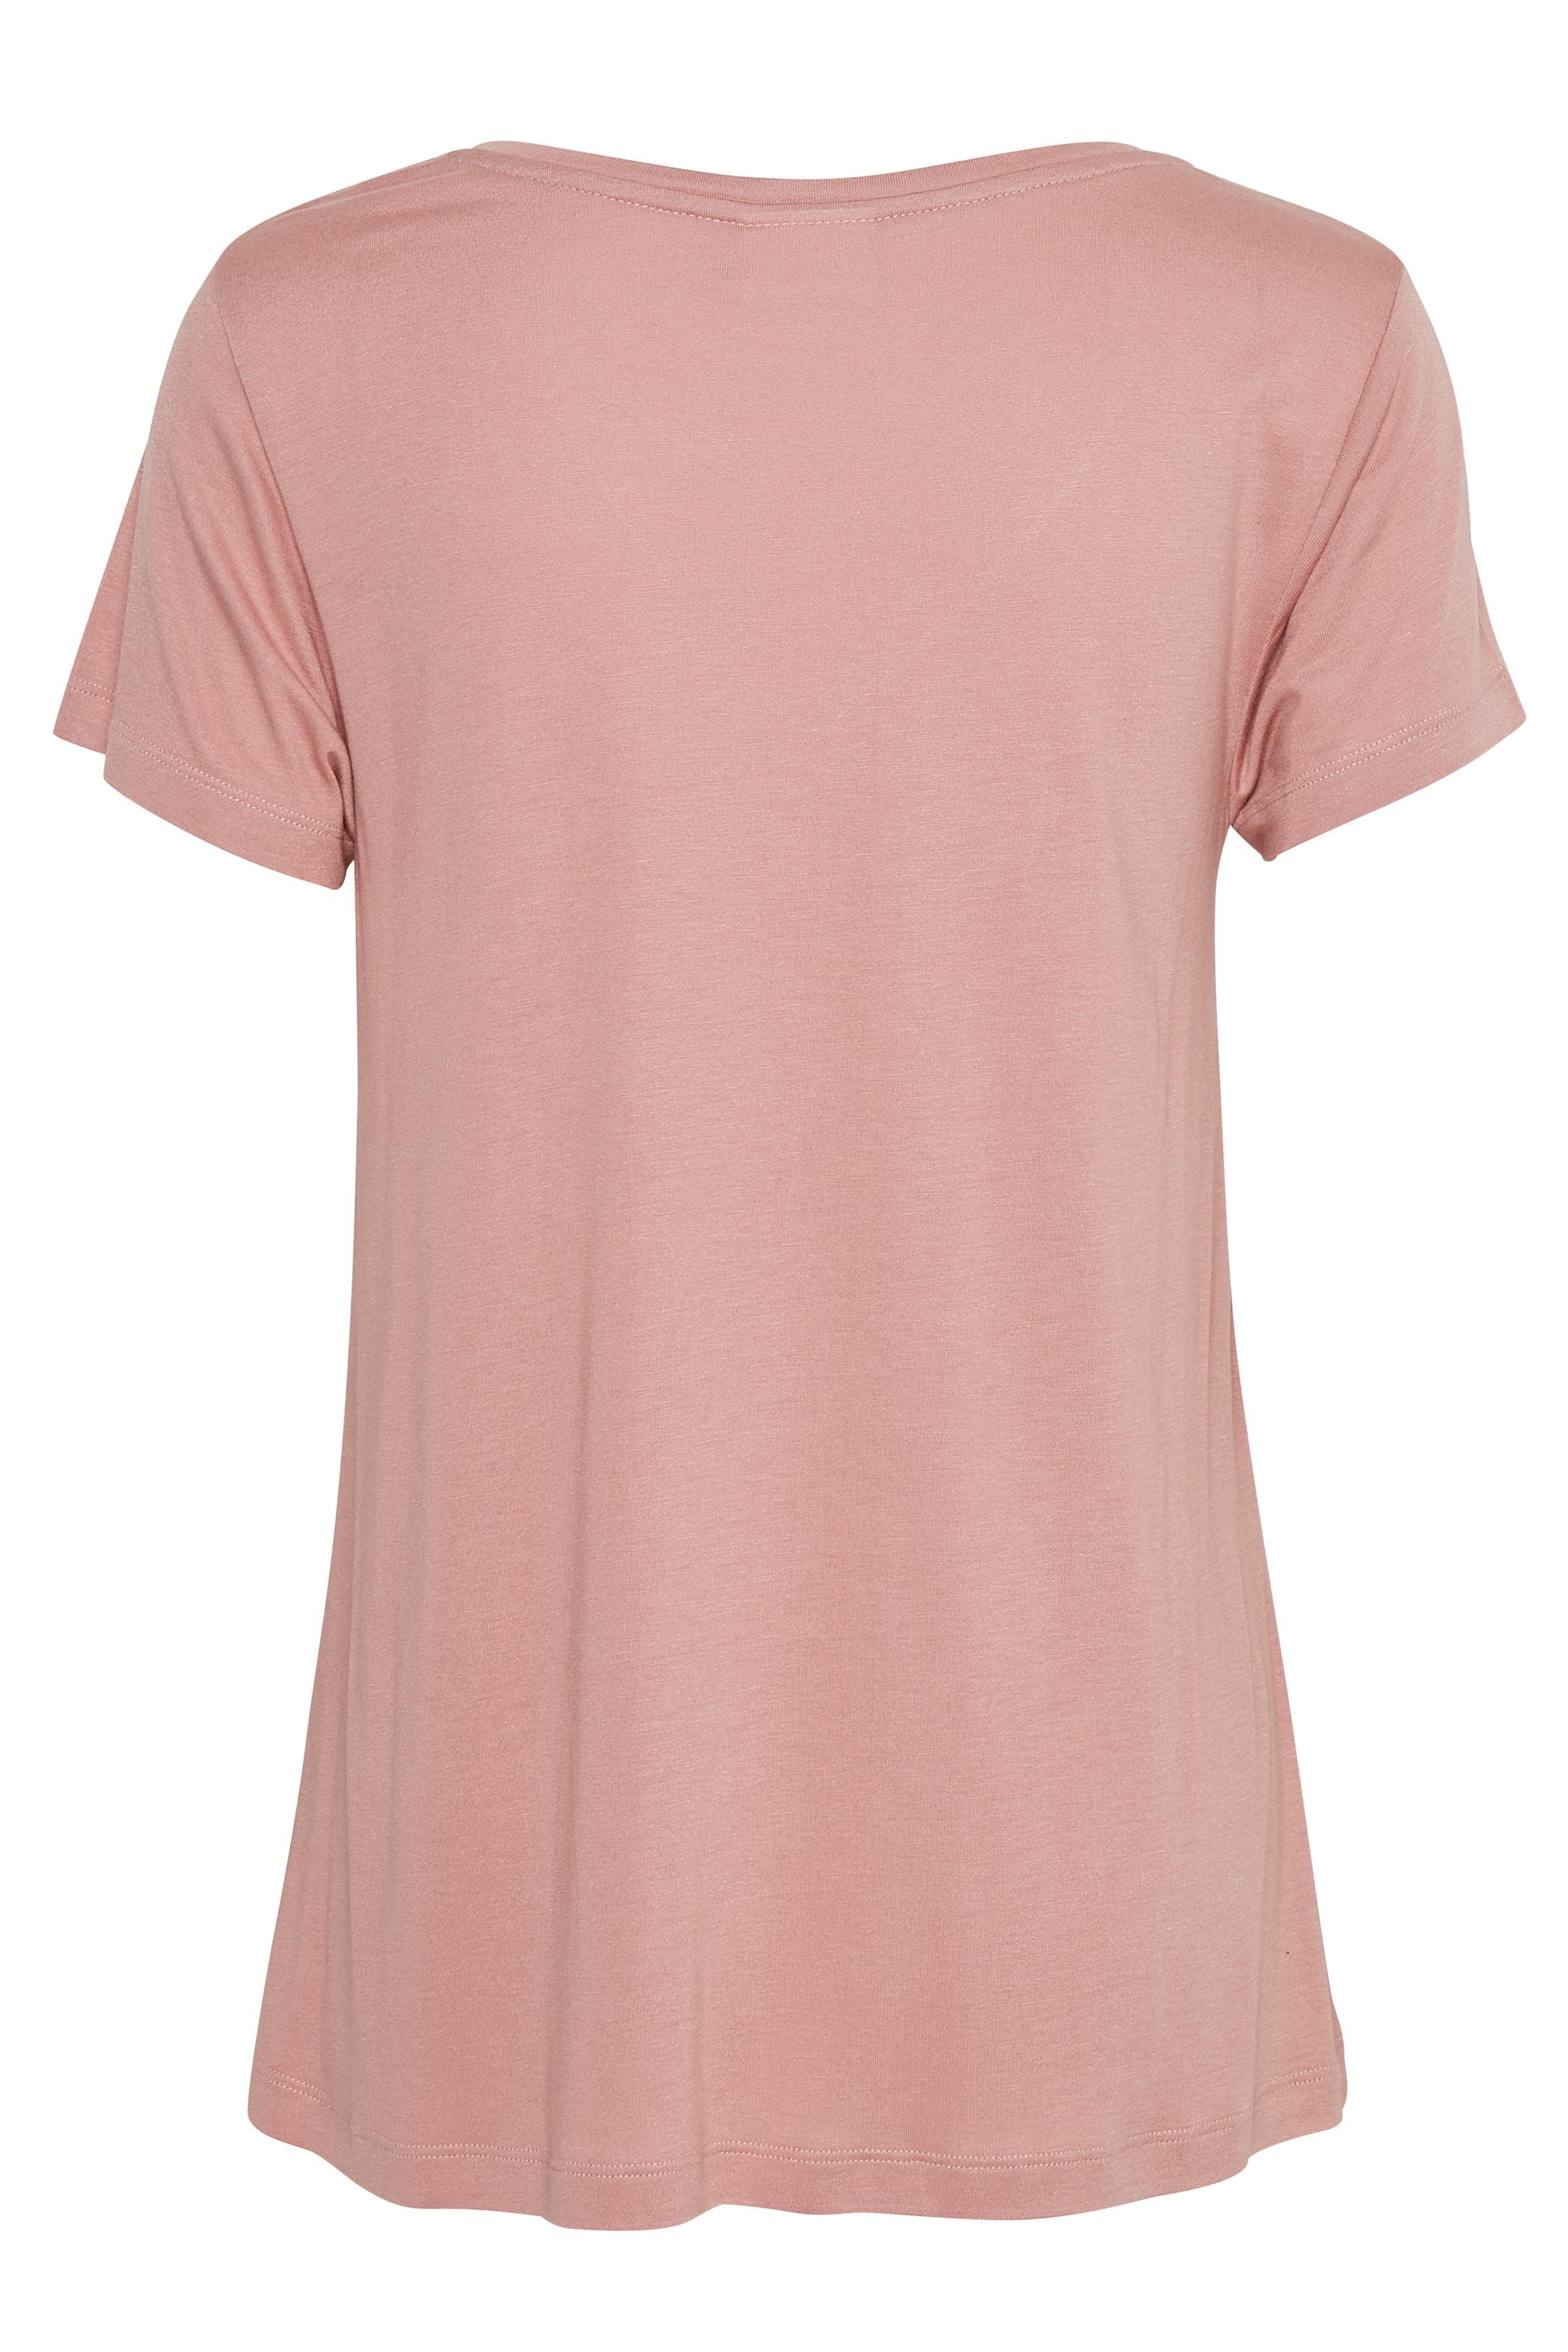 Dunkelrosa Kurzarm T-Shirt von Kaffe – Shoppen Sie Dunkelrosa Kurzarm T-Shirt ab Gr. XS-XXL hier